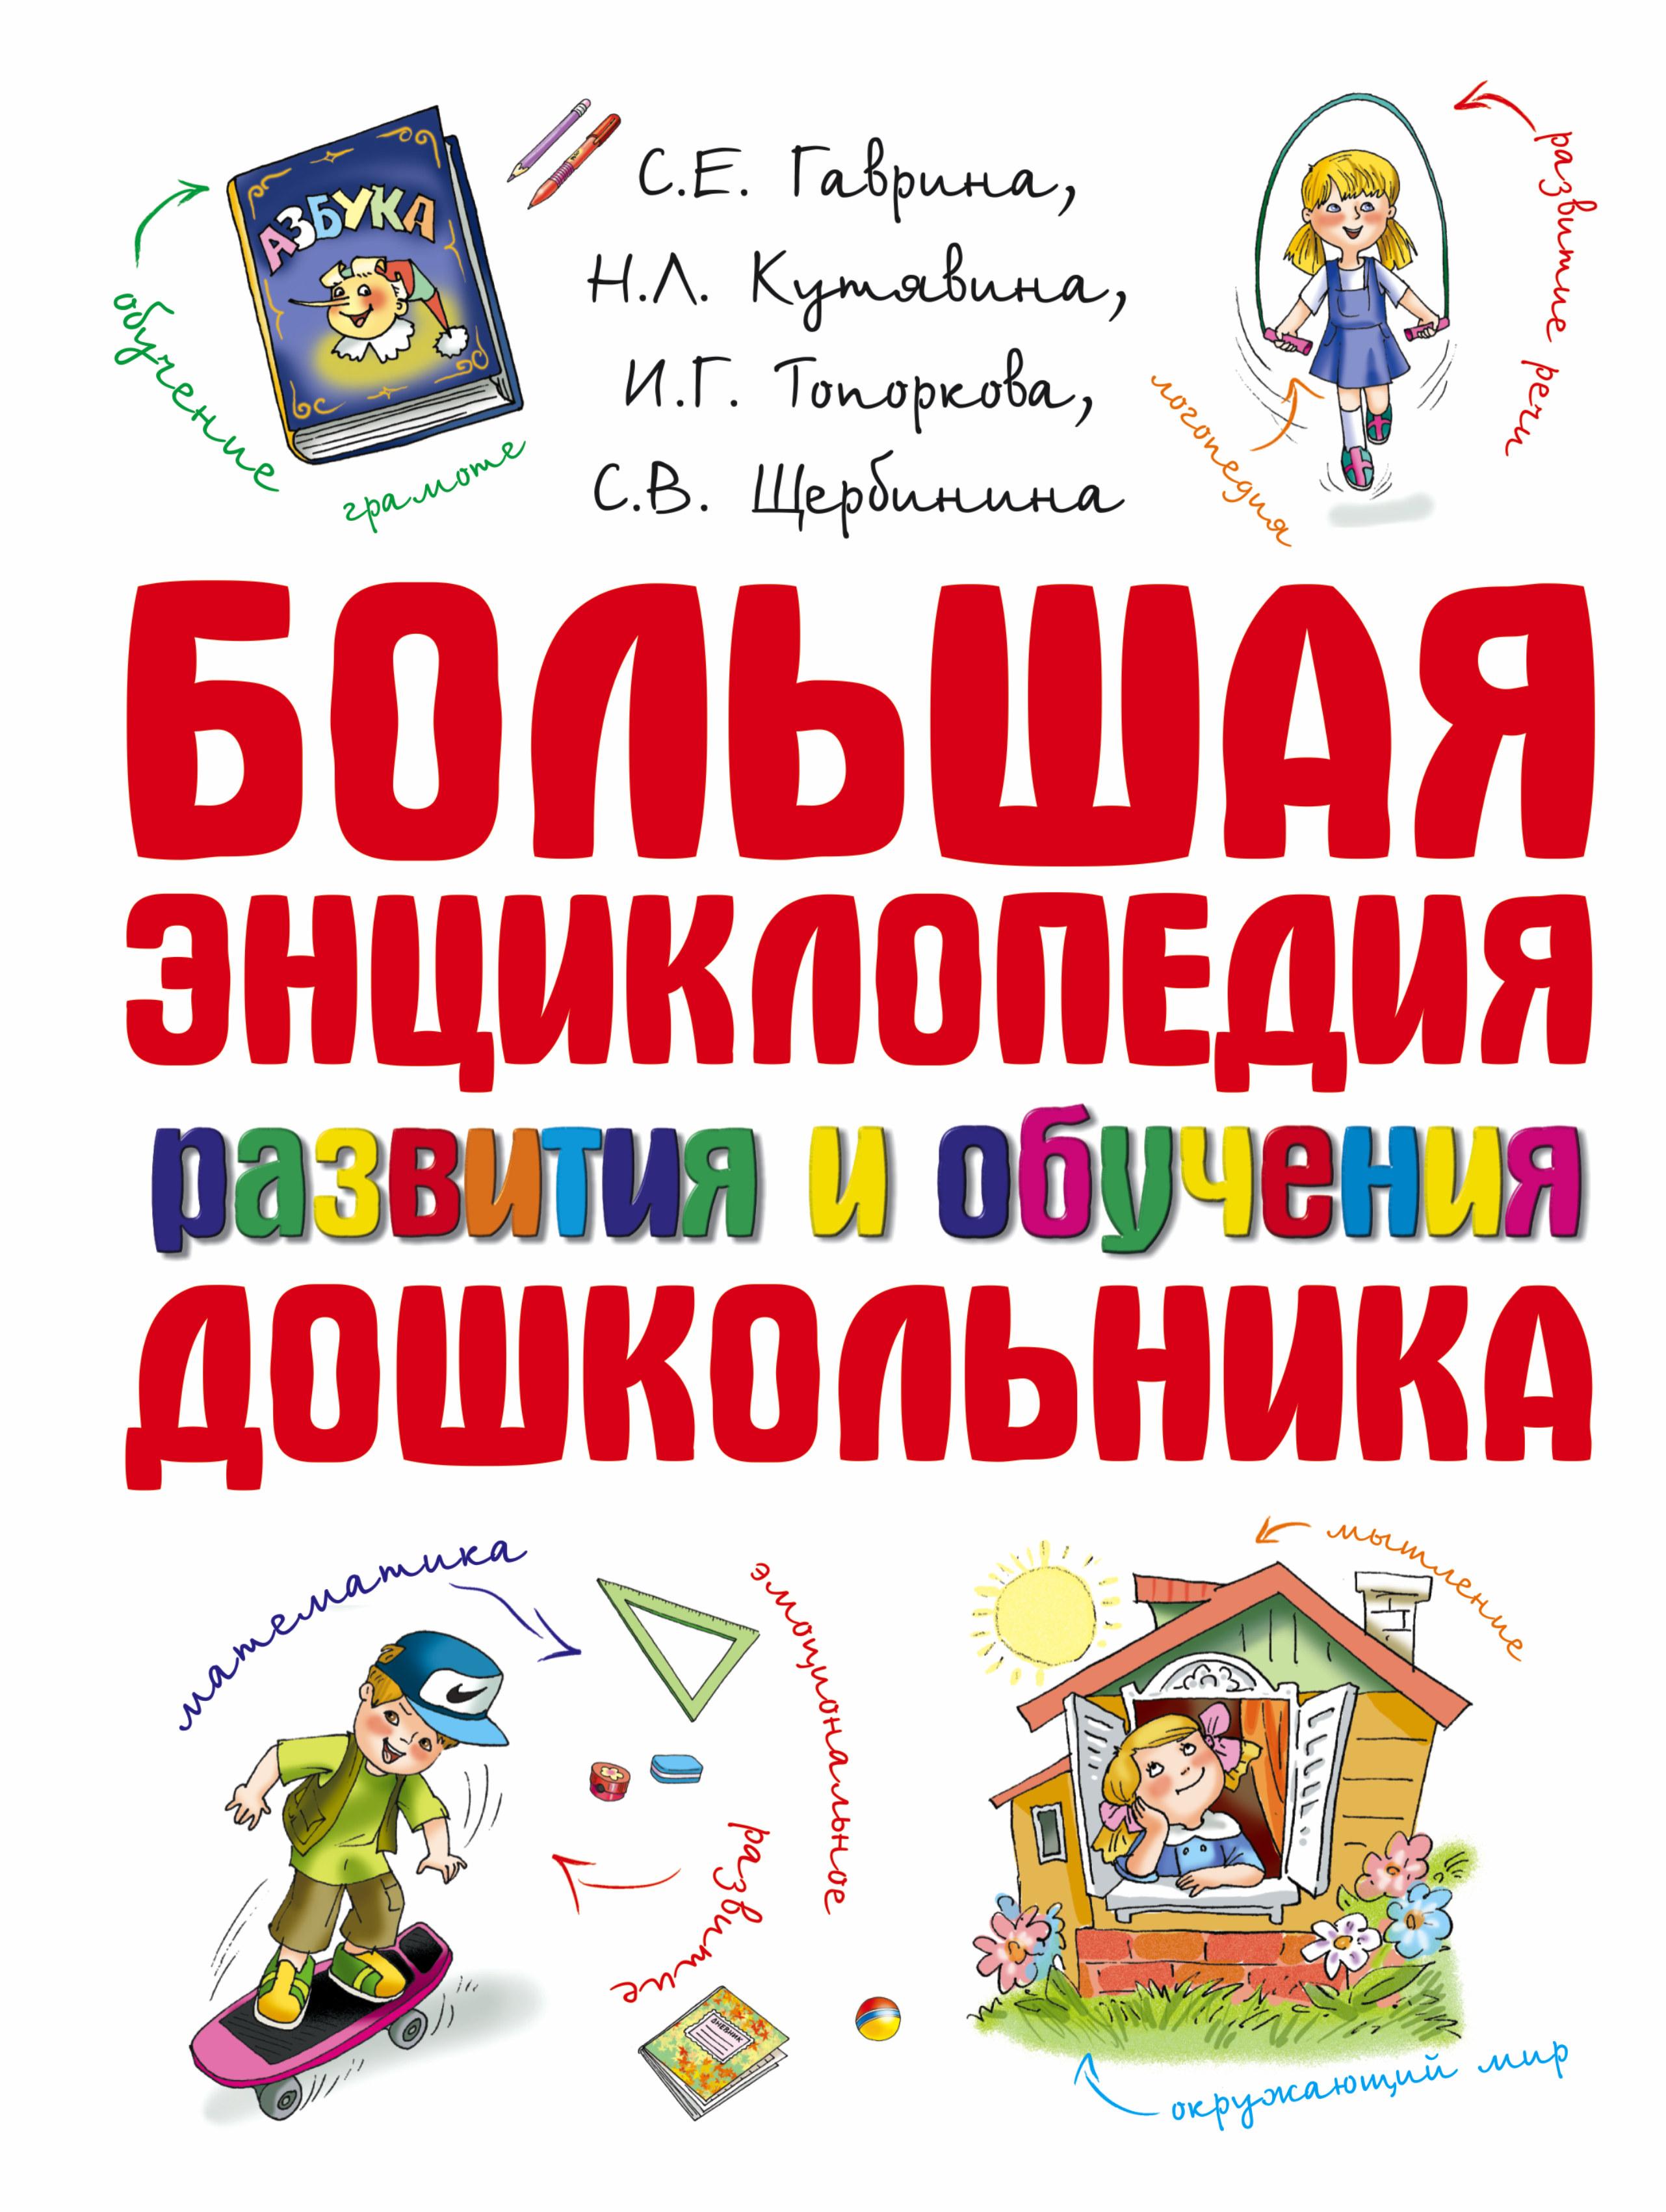 Гаврина С.Е., Кутявина Н.Л. Большая энциклопедия развития и обучения дошкольника